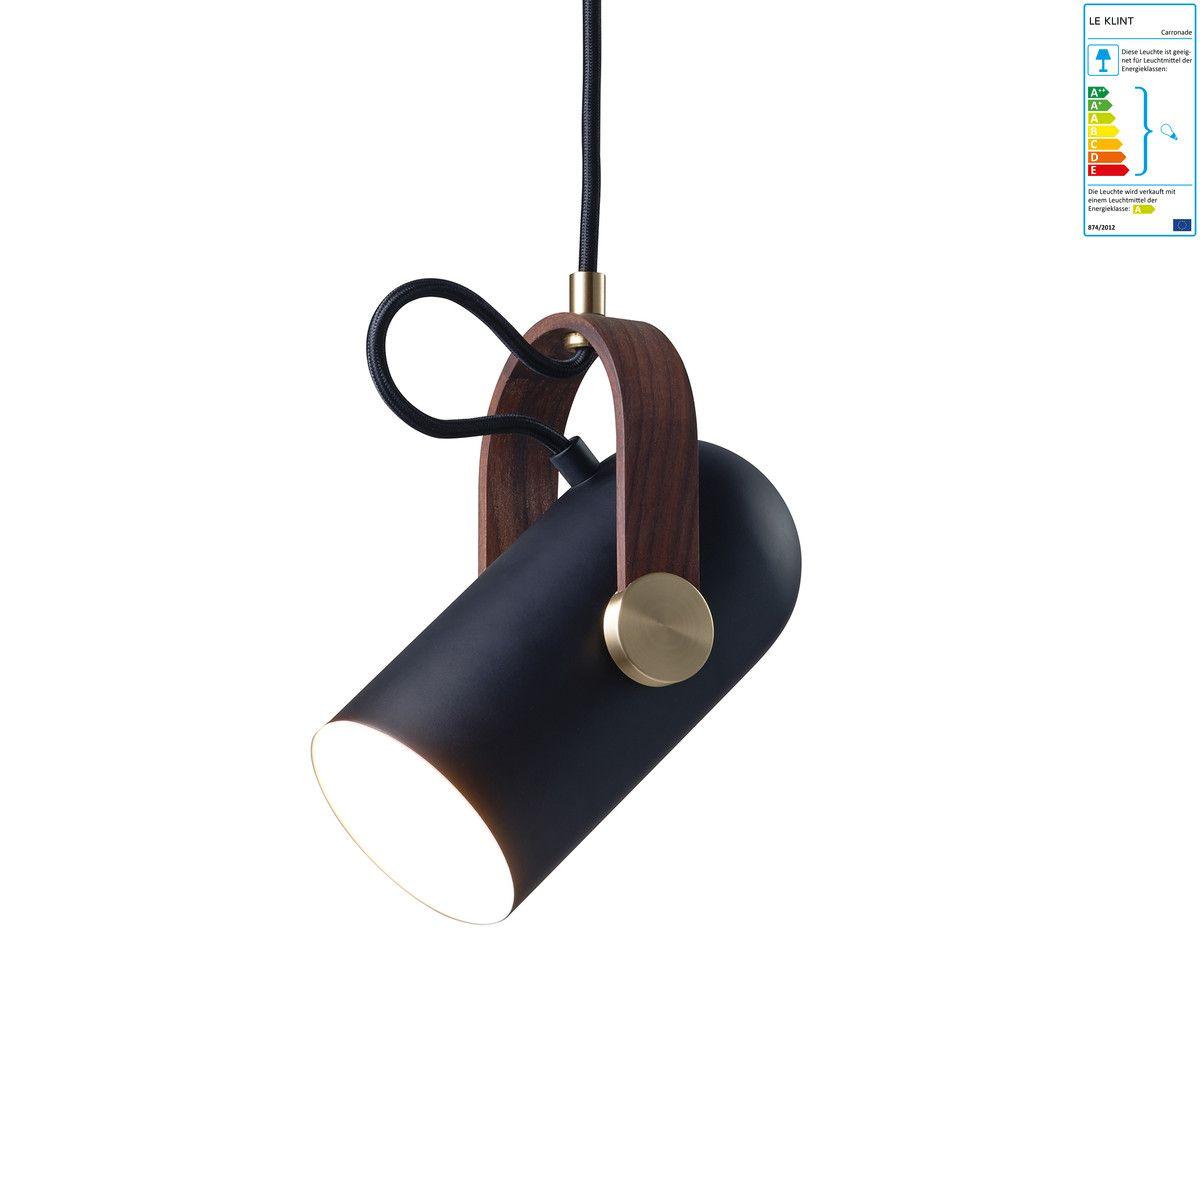 esstischlampe nussbaum